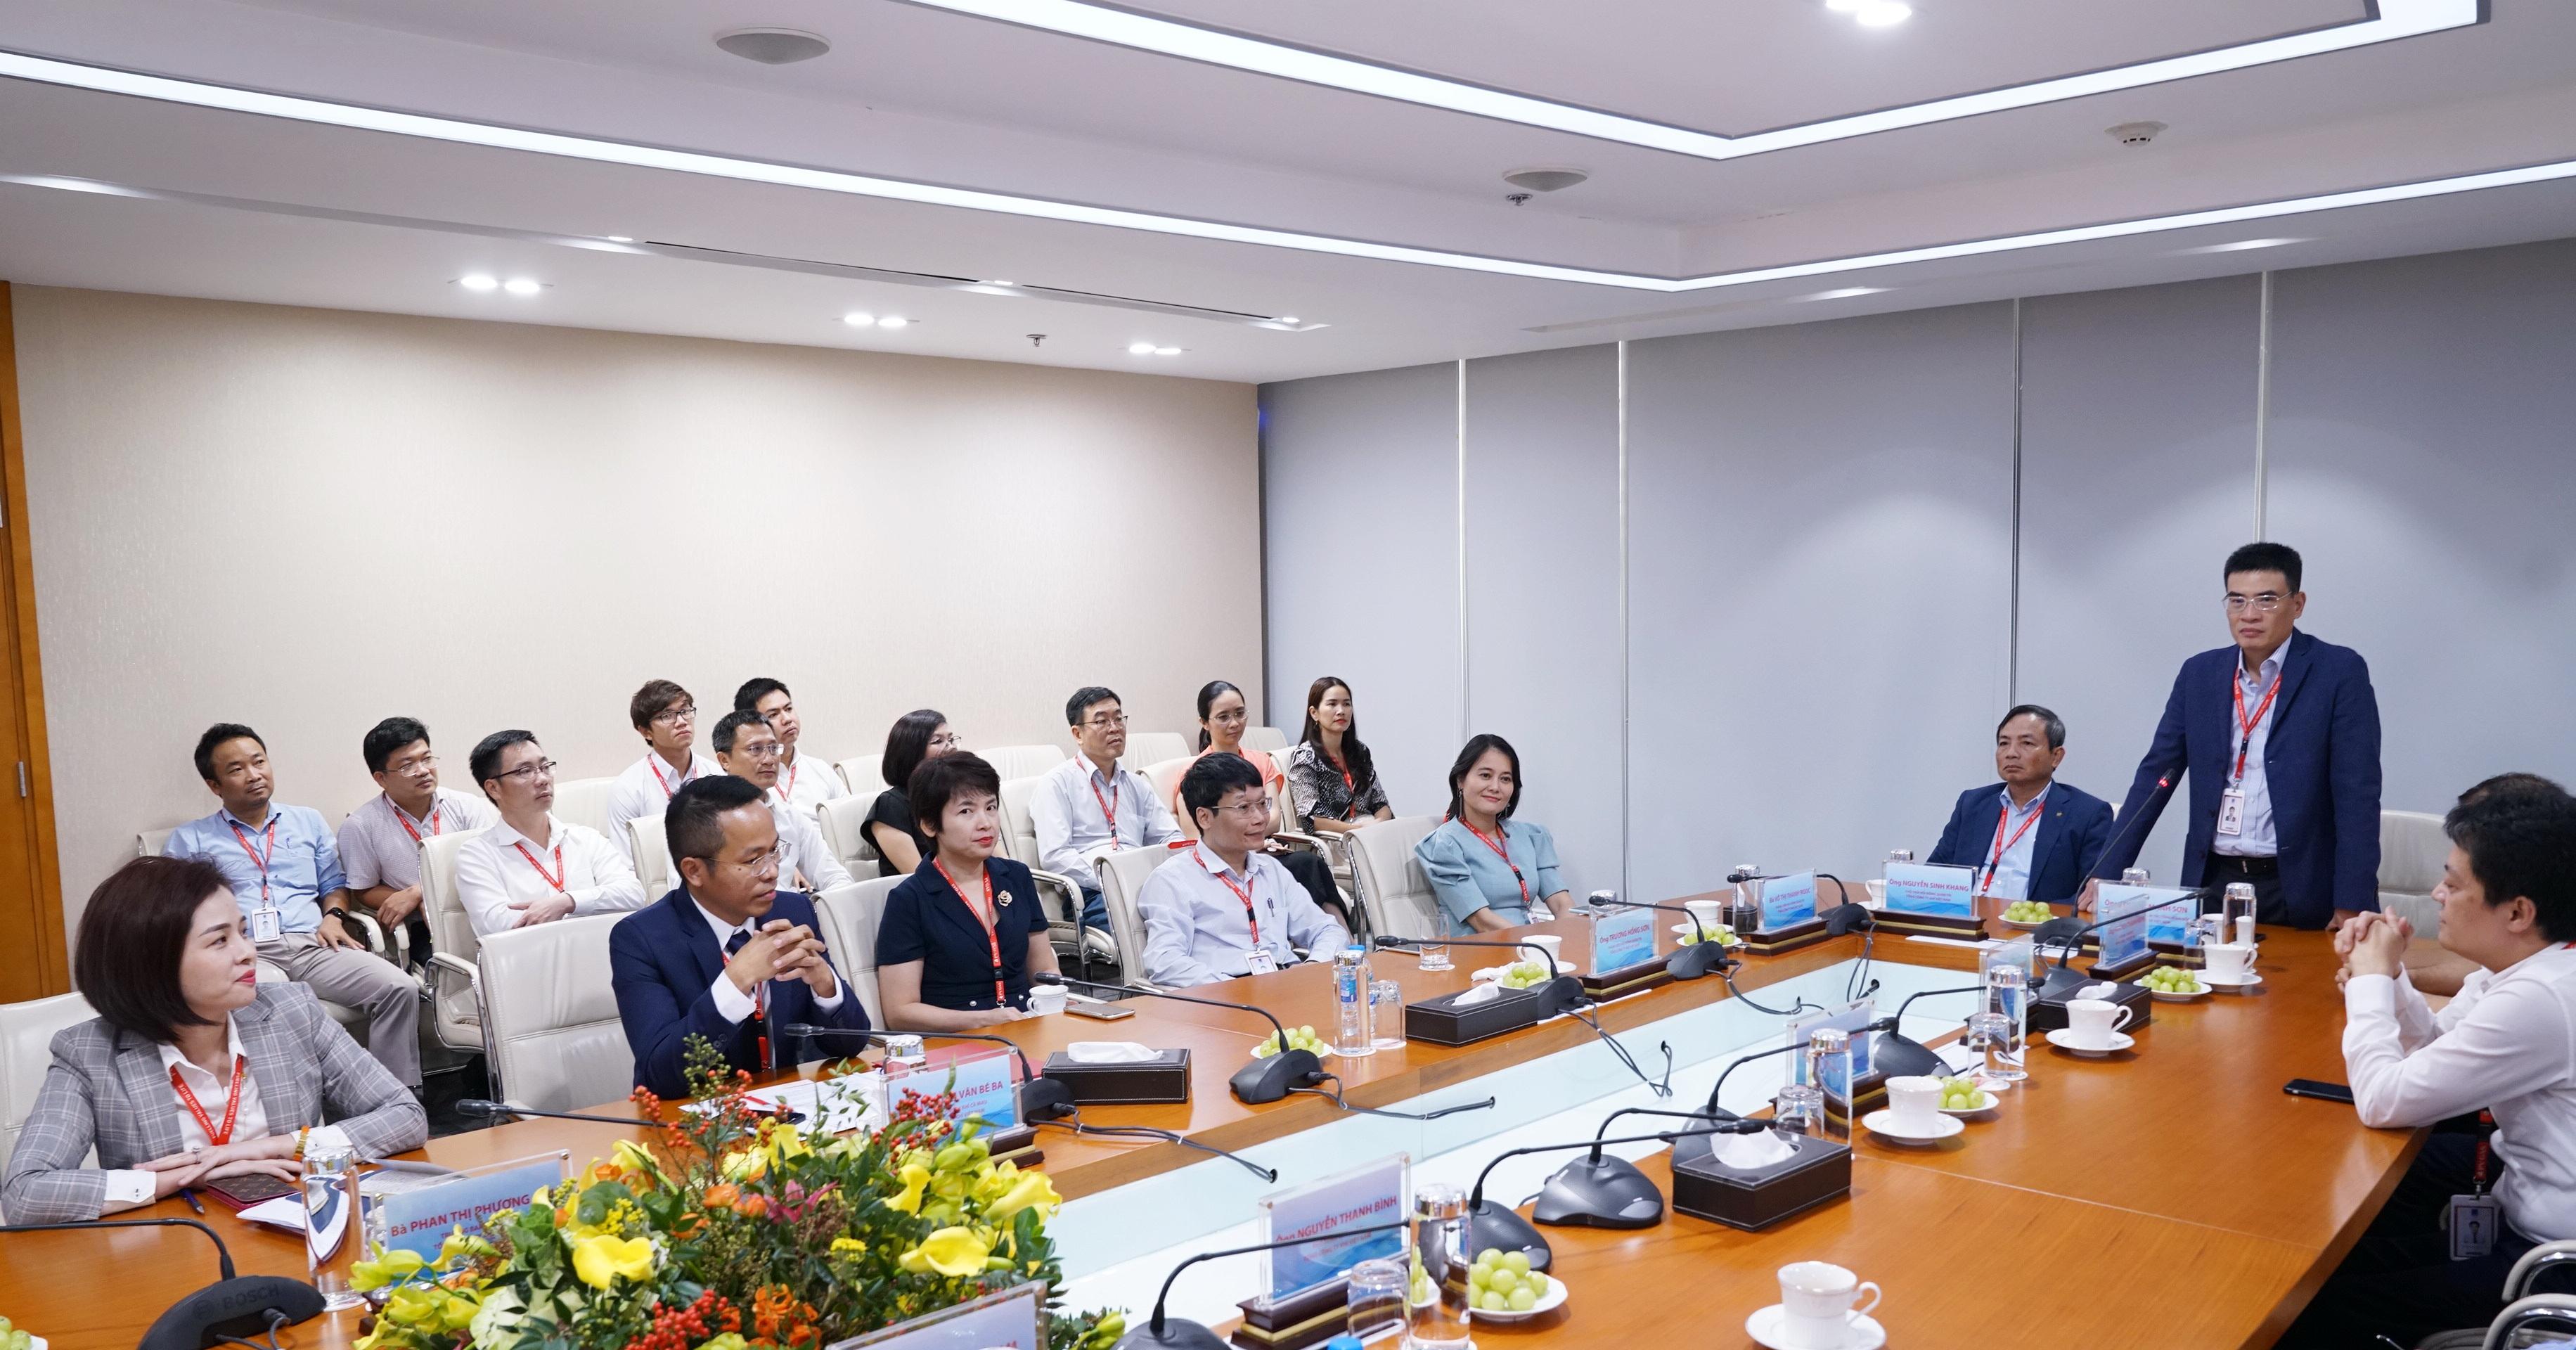 Tổng giám đốc PV GAS phát biểu giao nhiệm vụ